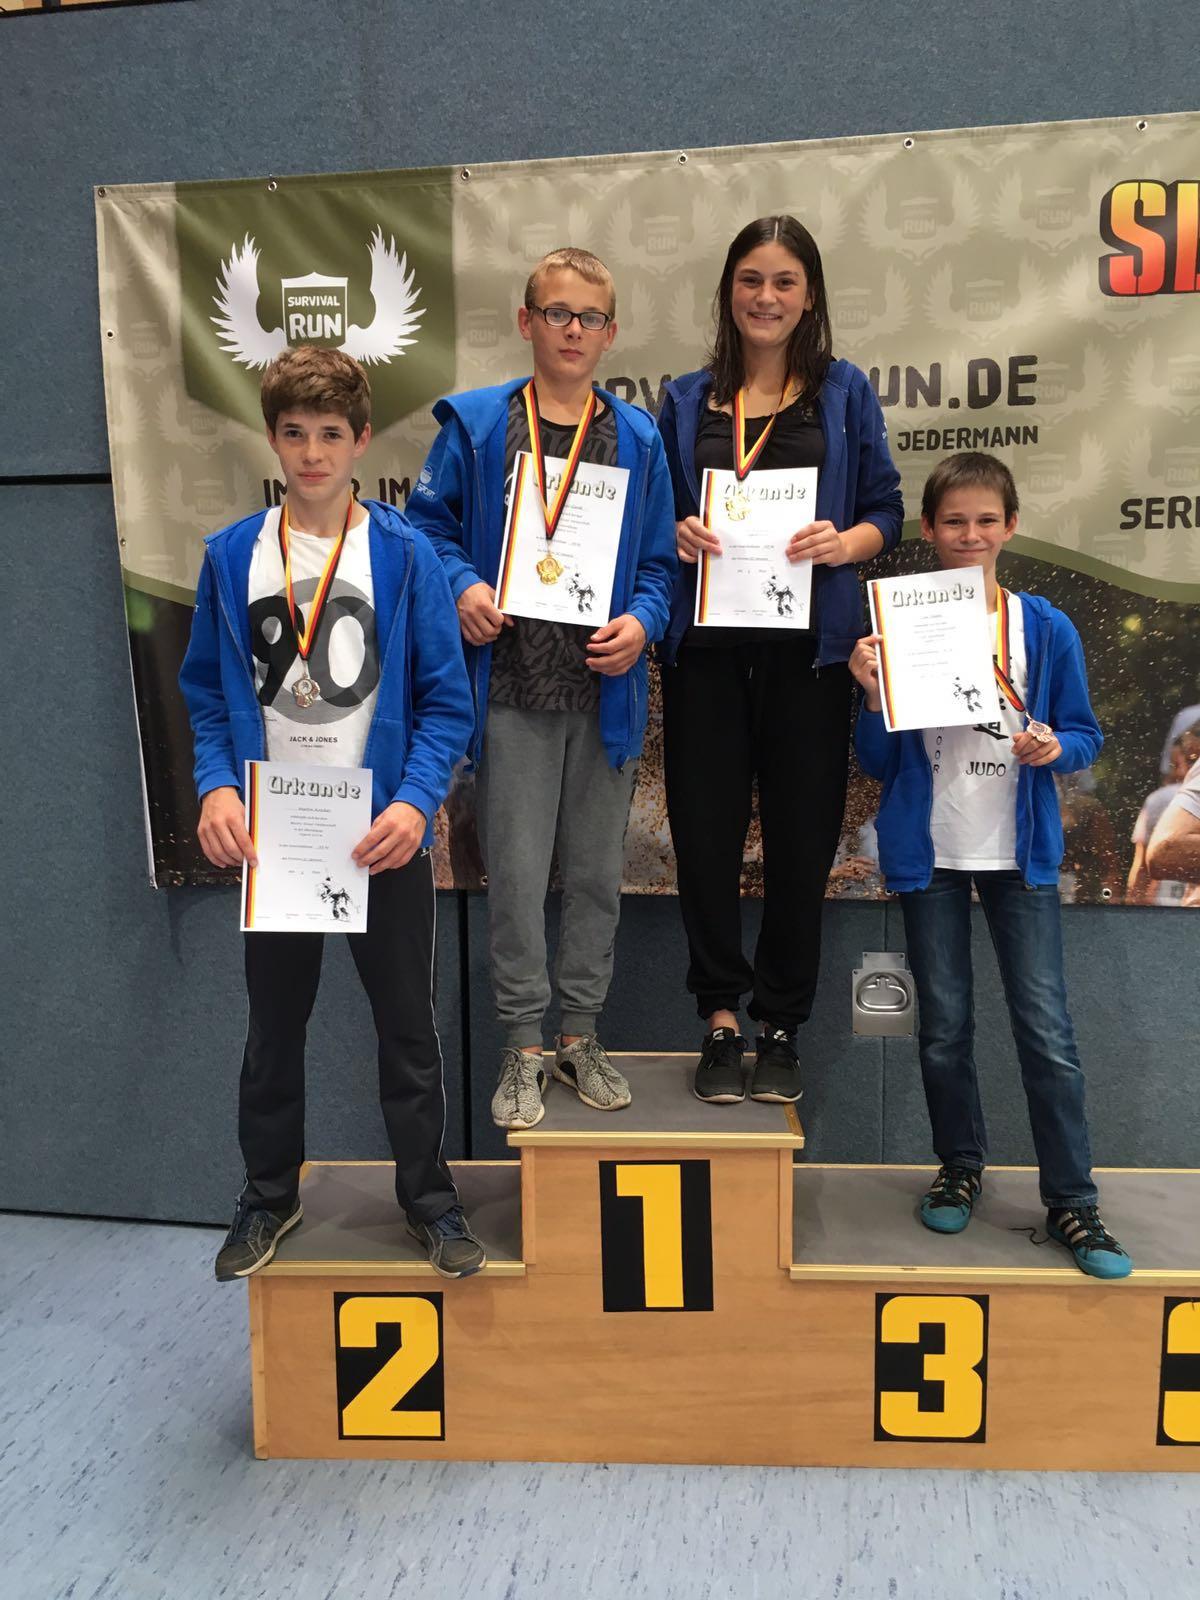 Die Platzierten der Bezirksmeisterschaft U15: Martin Koschel, Daniel Gardt, Tessa Dobrocky und Tom Staats.